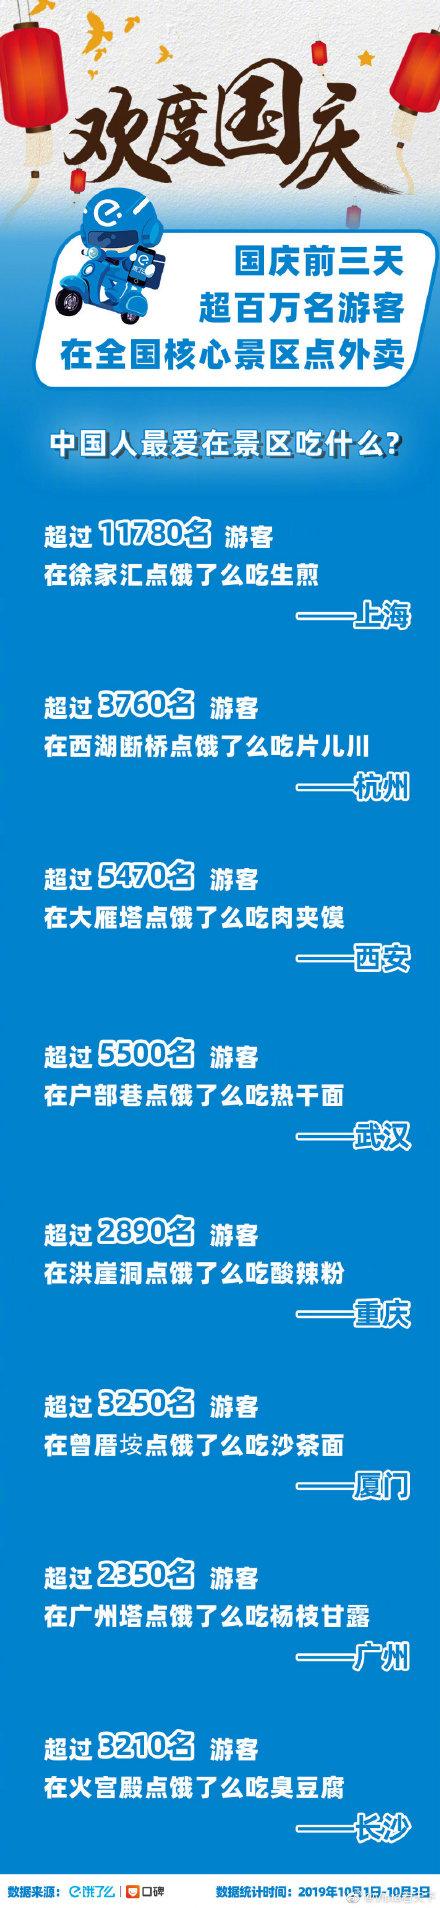 饿了么:国庆前三天超百万名游客在景区点外卖